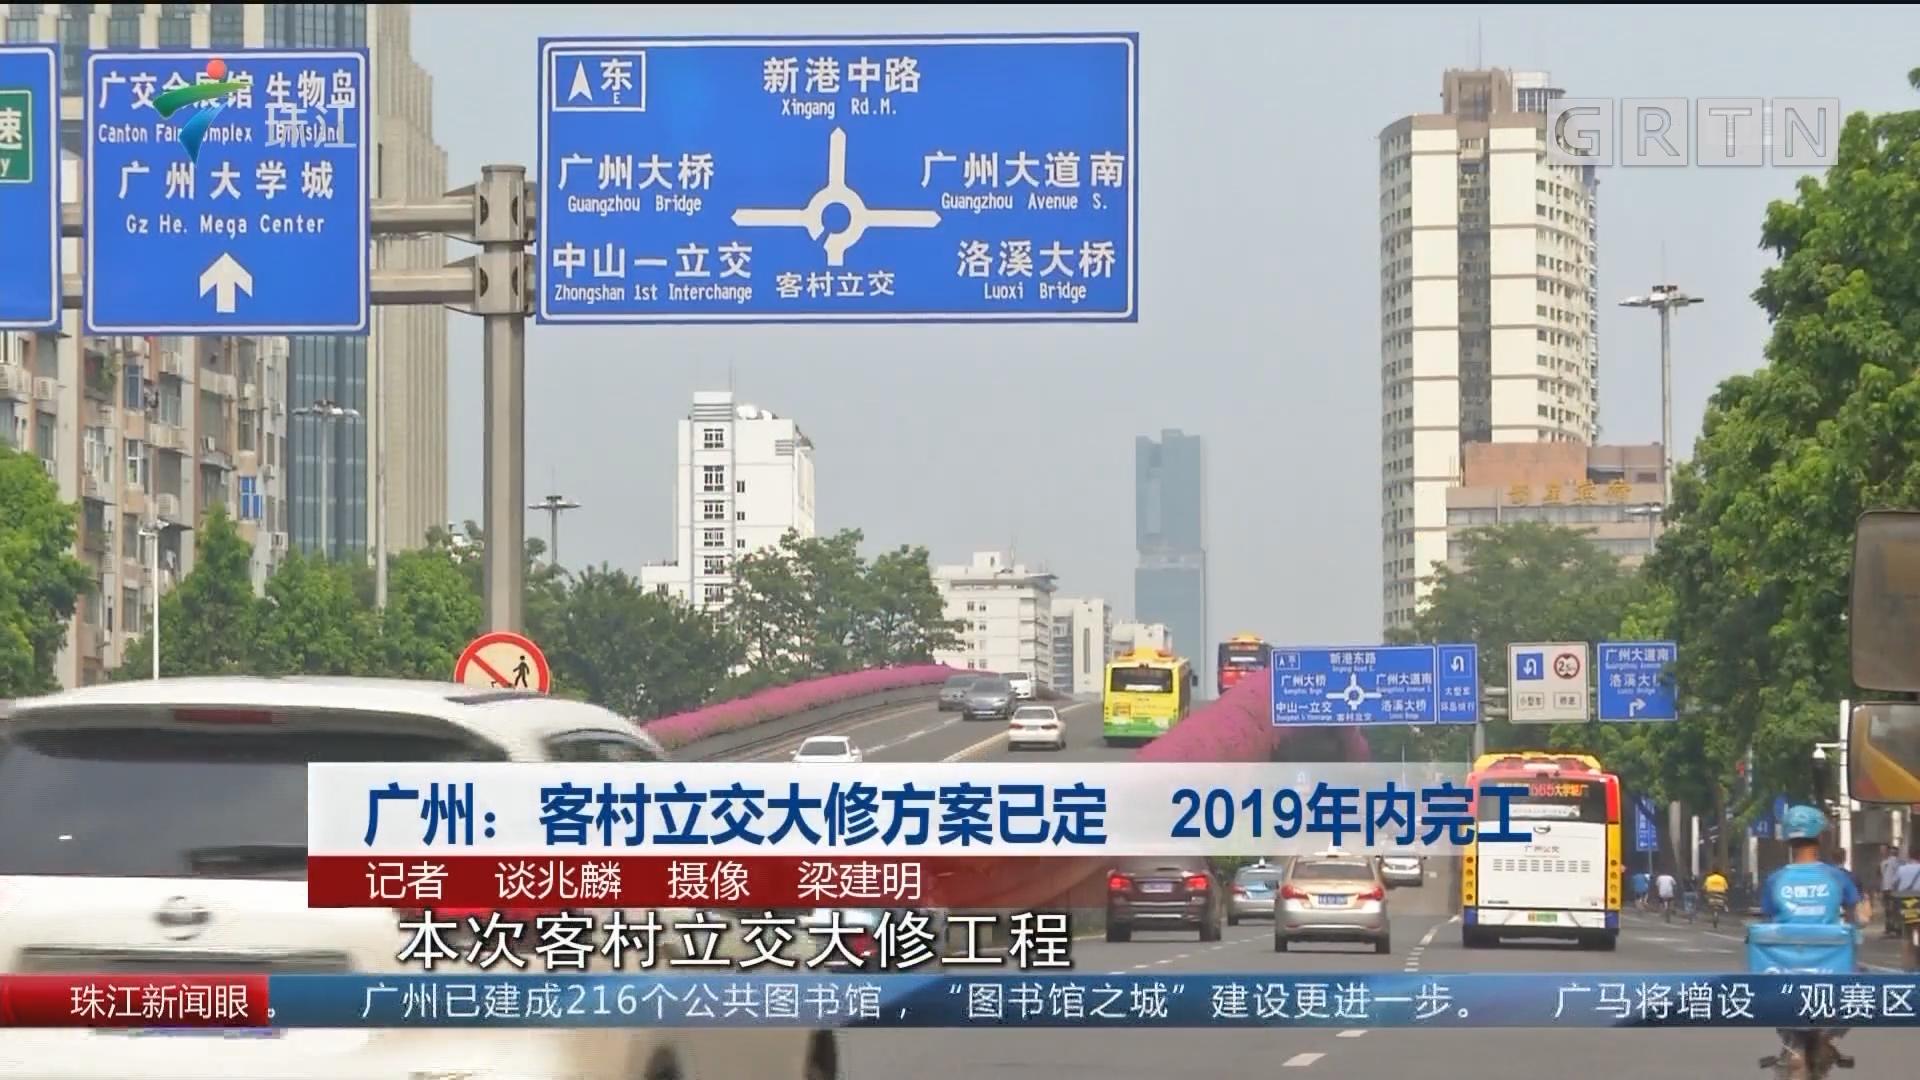 广州:客村立交大修方案已定 2019年内完工